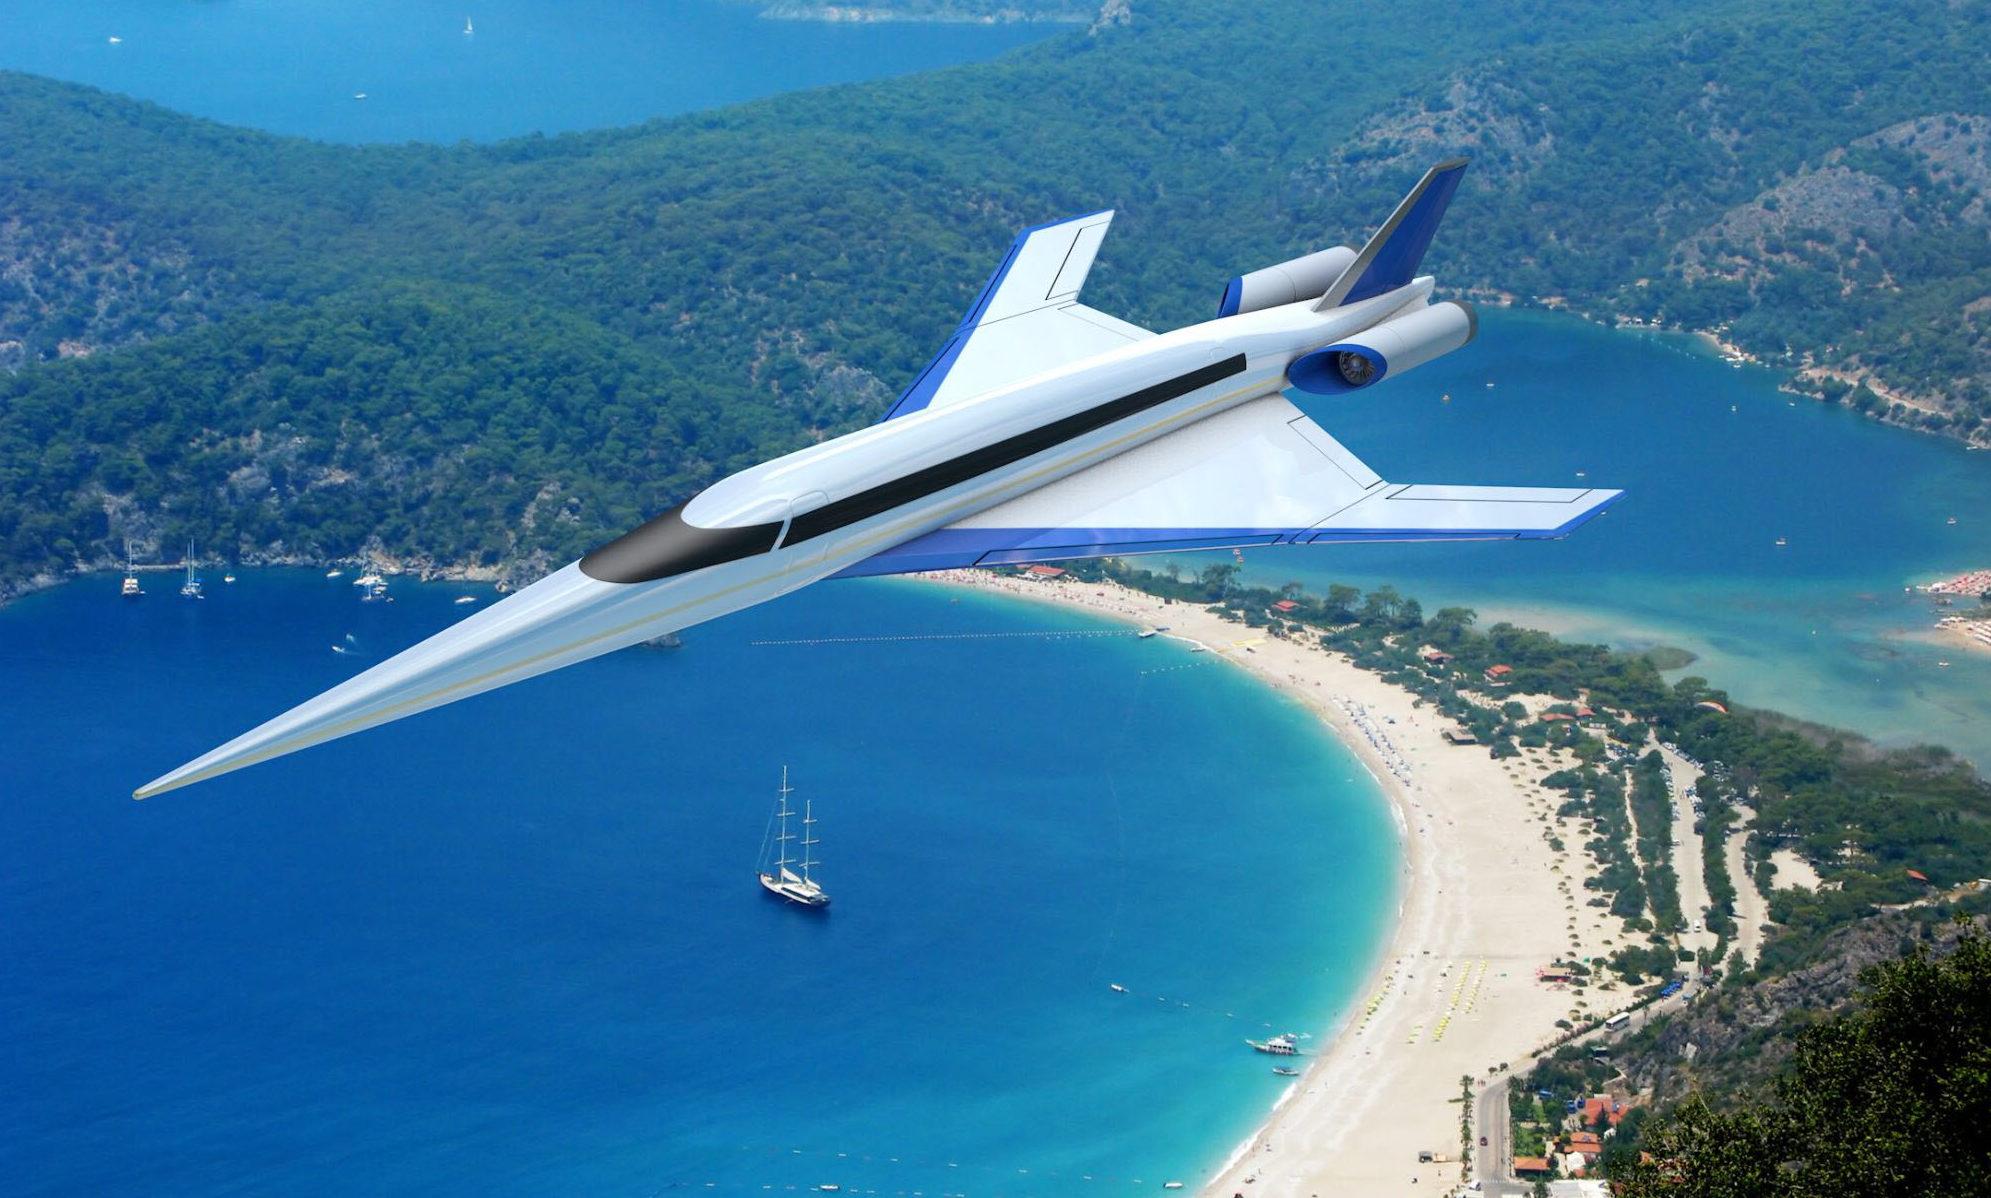 En illustration af det supersoniske fly S-512 fra den amerikanske virksomhed Spike Aerospace. Foto: Spike Aerospace